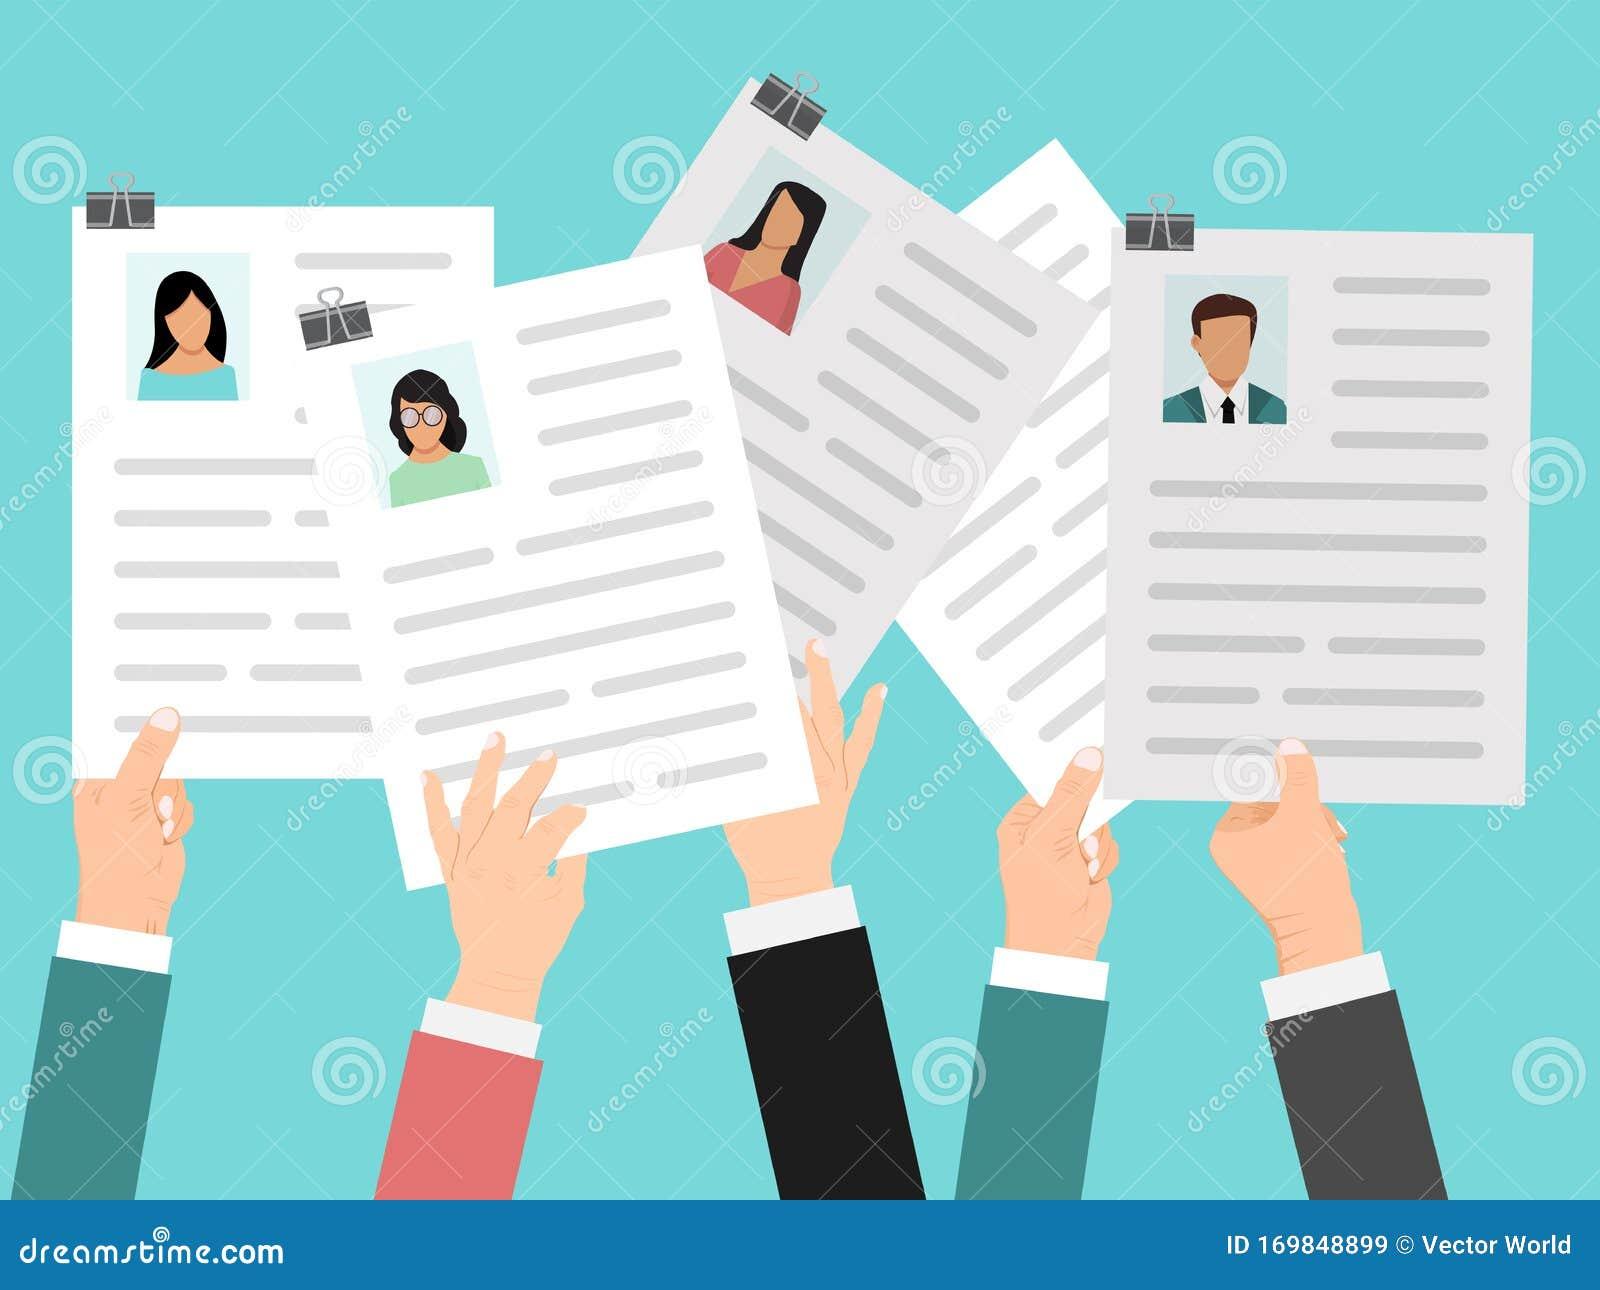 Hands Holding Cv Resume Vector Illustration Job Resumes